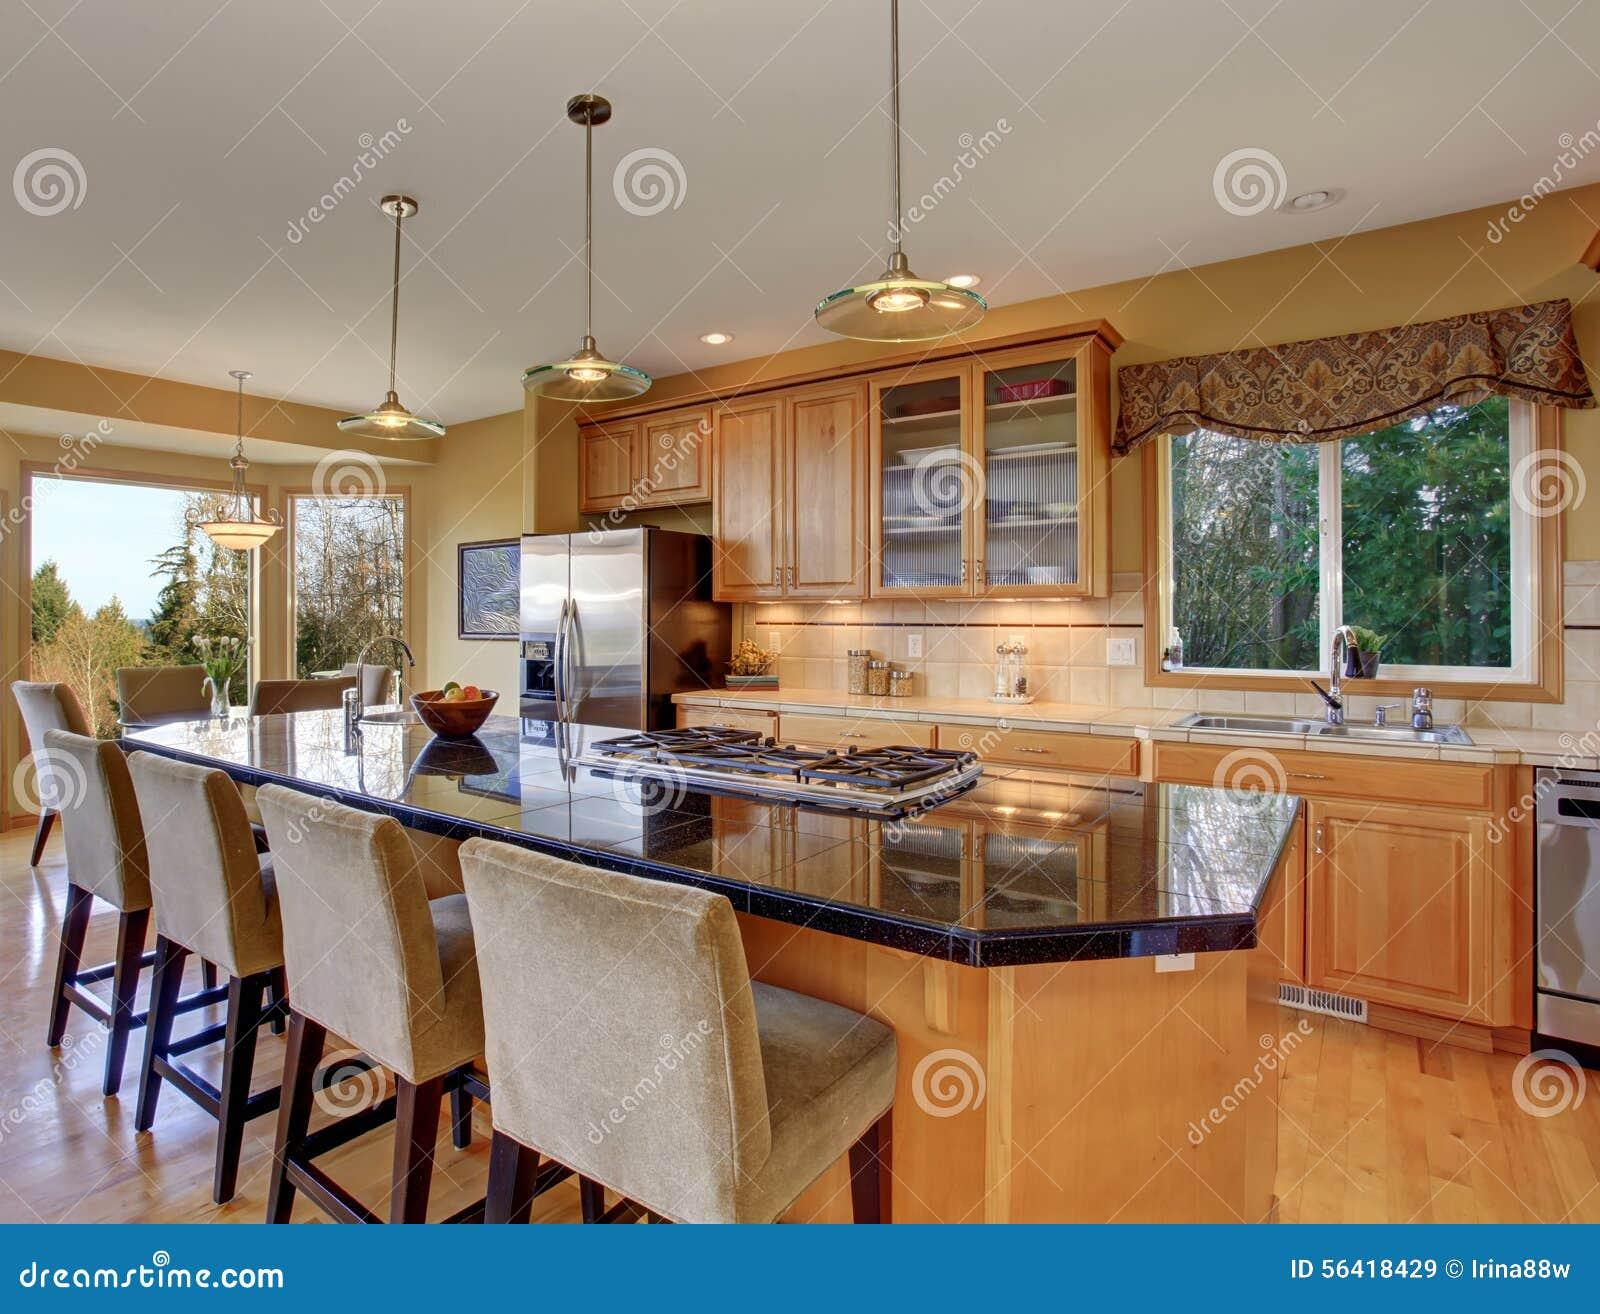 Cozinha Lindo Na Casa Tradicional Perfeita Imagem De Stock Imagem